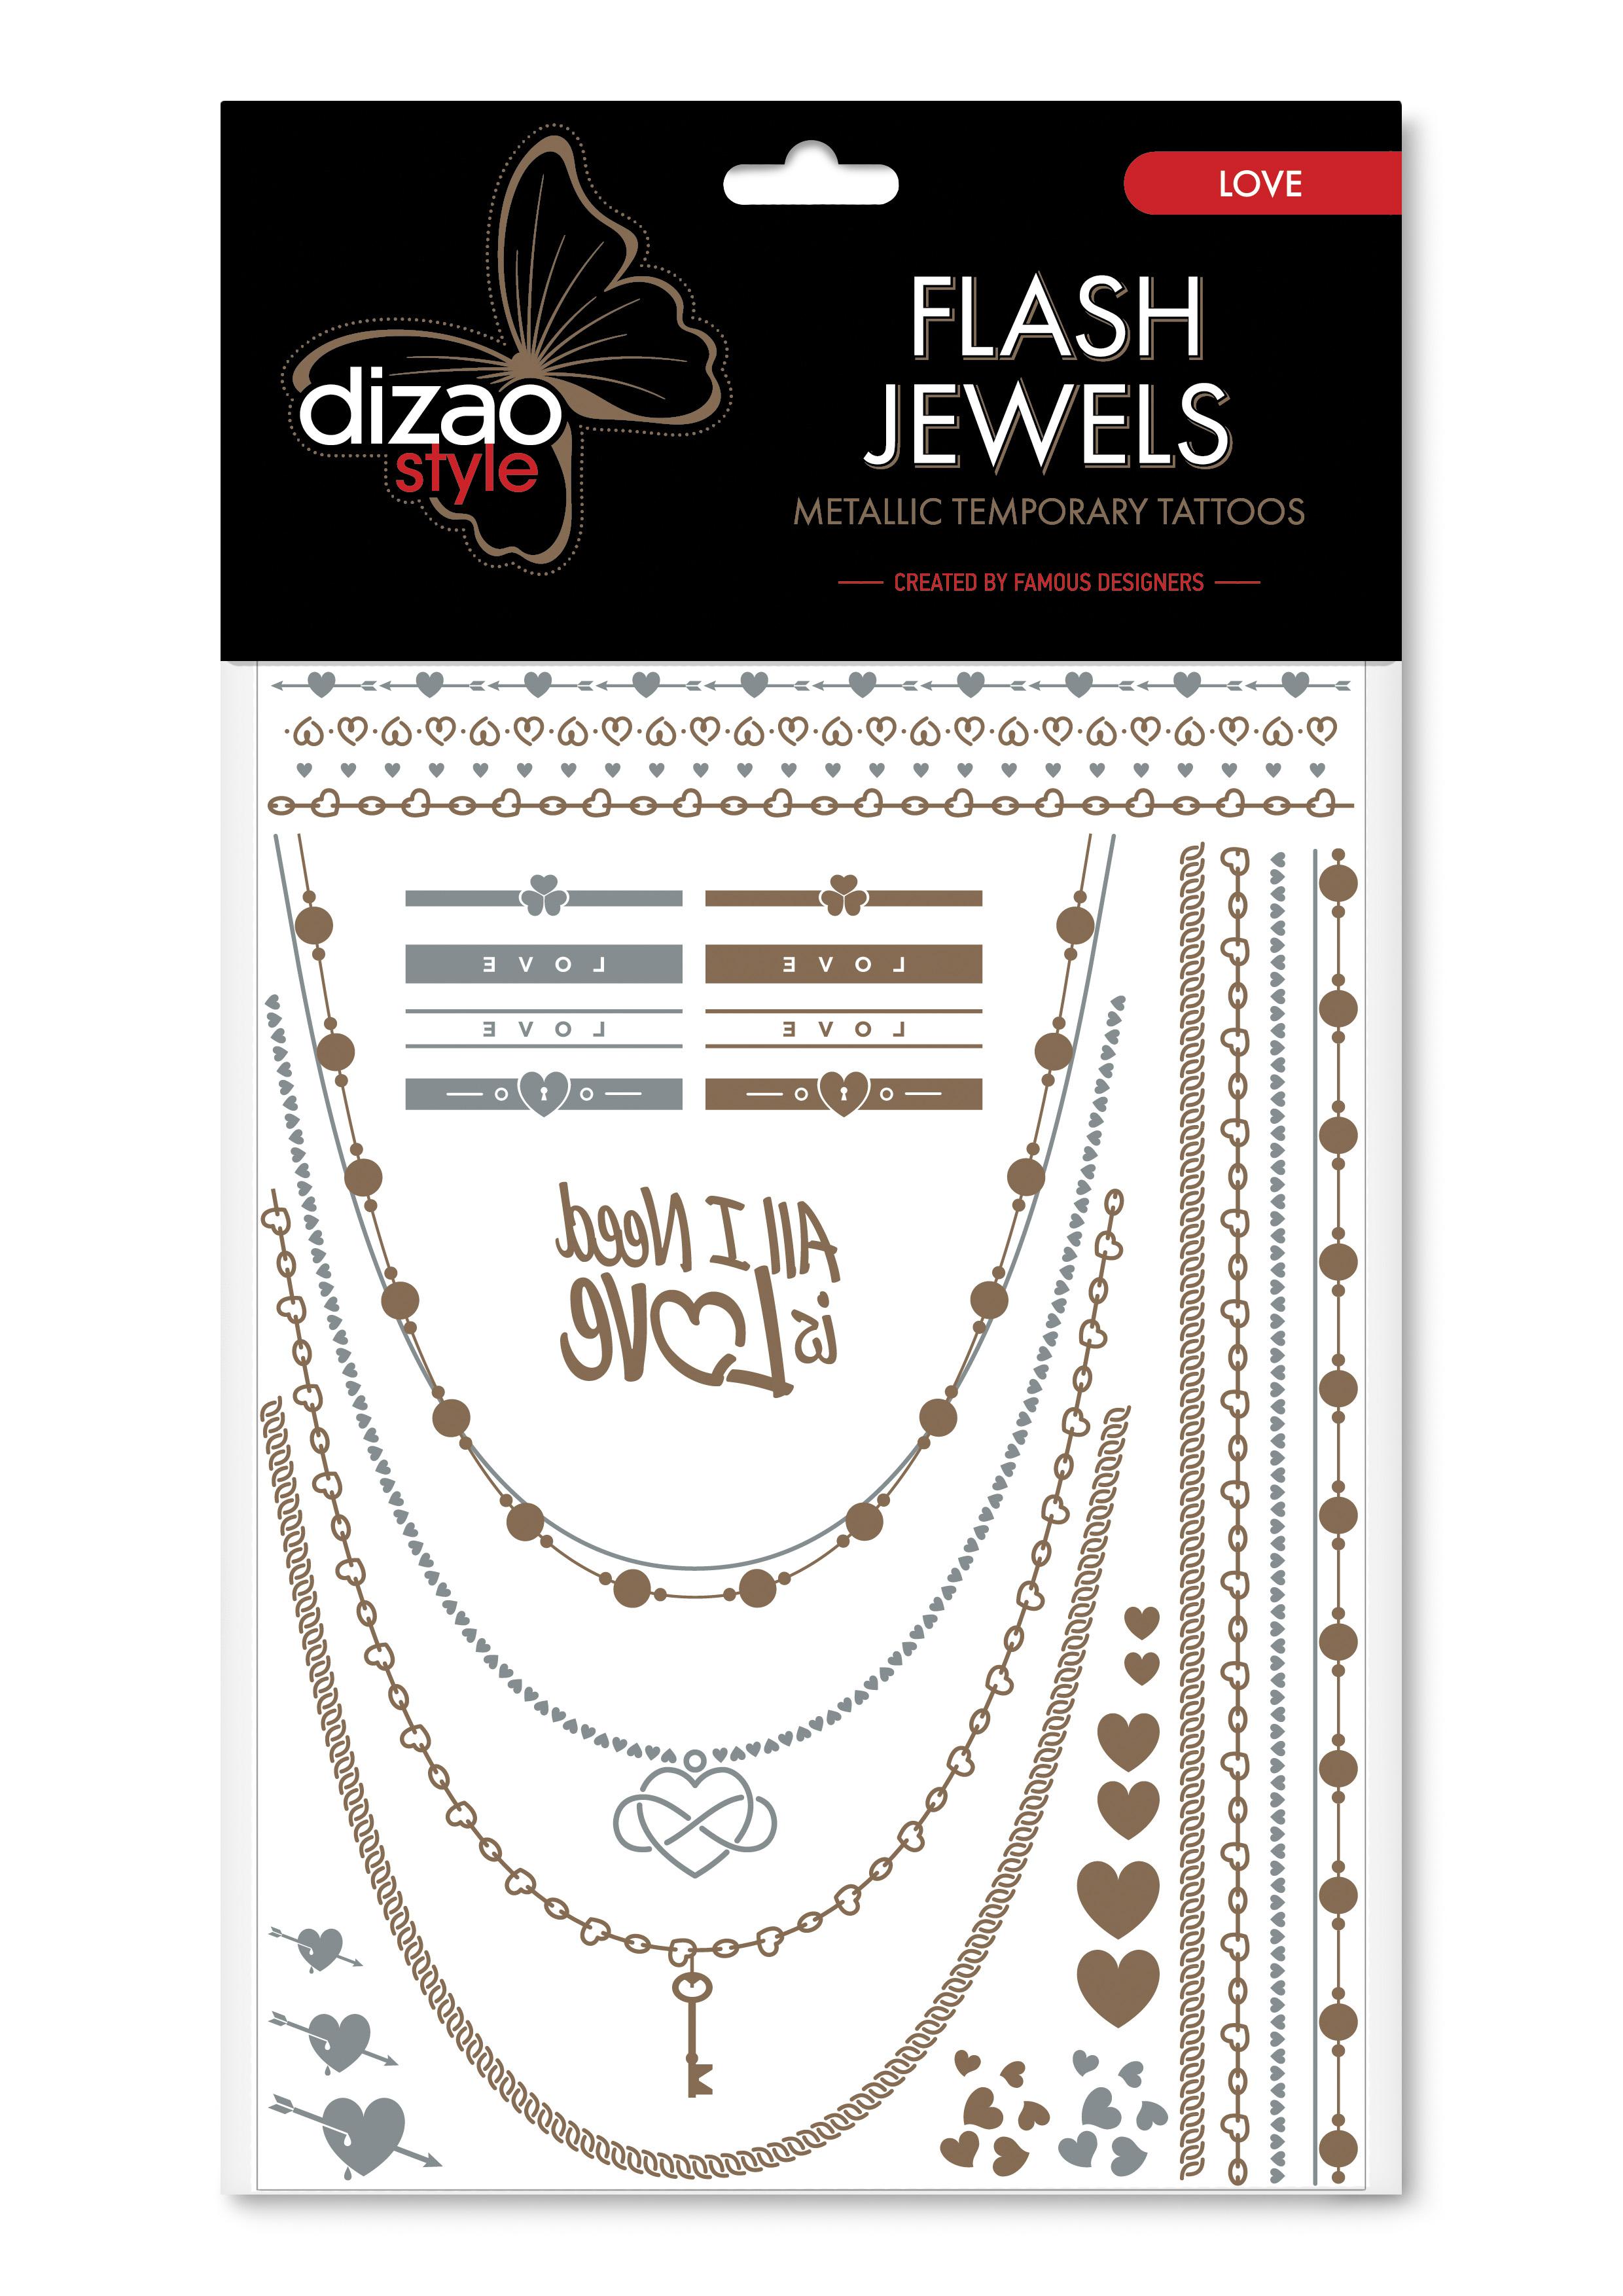 Dizao Временные золотые тату Flash Jewels: Любовь5292452002502Оригинальные золотистые временные татуировки Dizao Flash Jewels: Любовь позволят вам добавить изысканный штрих к вашему образу. В набор входит множество разнообразных дизайнов, которые вы сможете сочетать по своему вкусу.Откройте для себя мир идеальных линий и оригинальных дизайнов, которые заблистают на вашей коже благородным блеском золота и серебра. Позвольте украшениям стать органичной частью вашего тела. Следуйте самым последним тенденциям и всегда оставайтесь на пике моды. Подарите себе роскошь и непревзойденный стиль с тату Dizao.Премиальные золотые временные тату Flash Jewels: - имеют уникальные дизайны -держатся на коже продолжительное время, не теряя привлекательности-легко наносятся и удаляются-не вызывают покраснений и раздражений, не содержат токсичных компонентов Применять временные тату невероятно легко: вырежьте понравившуюся аппликацию, наложите ее рисунком вниз на сухую чистую кожу, прижмите к аппликации мокрую губку или ватный диск в течении 30 секунд, а затем удалите бумагу и позвольте аппликации высохнуть. Для того, чтобы удалить временную татуировку, нанесите на аппликацию косметическое или оливковое масло и осторожно сотрите ватным диском.